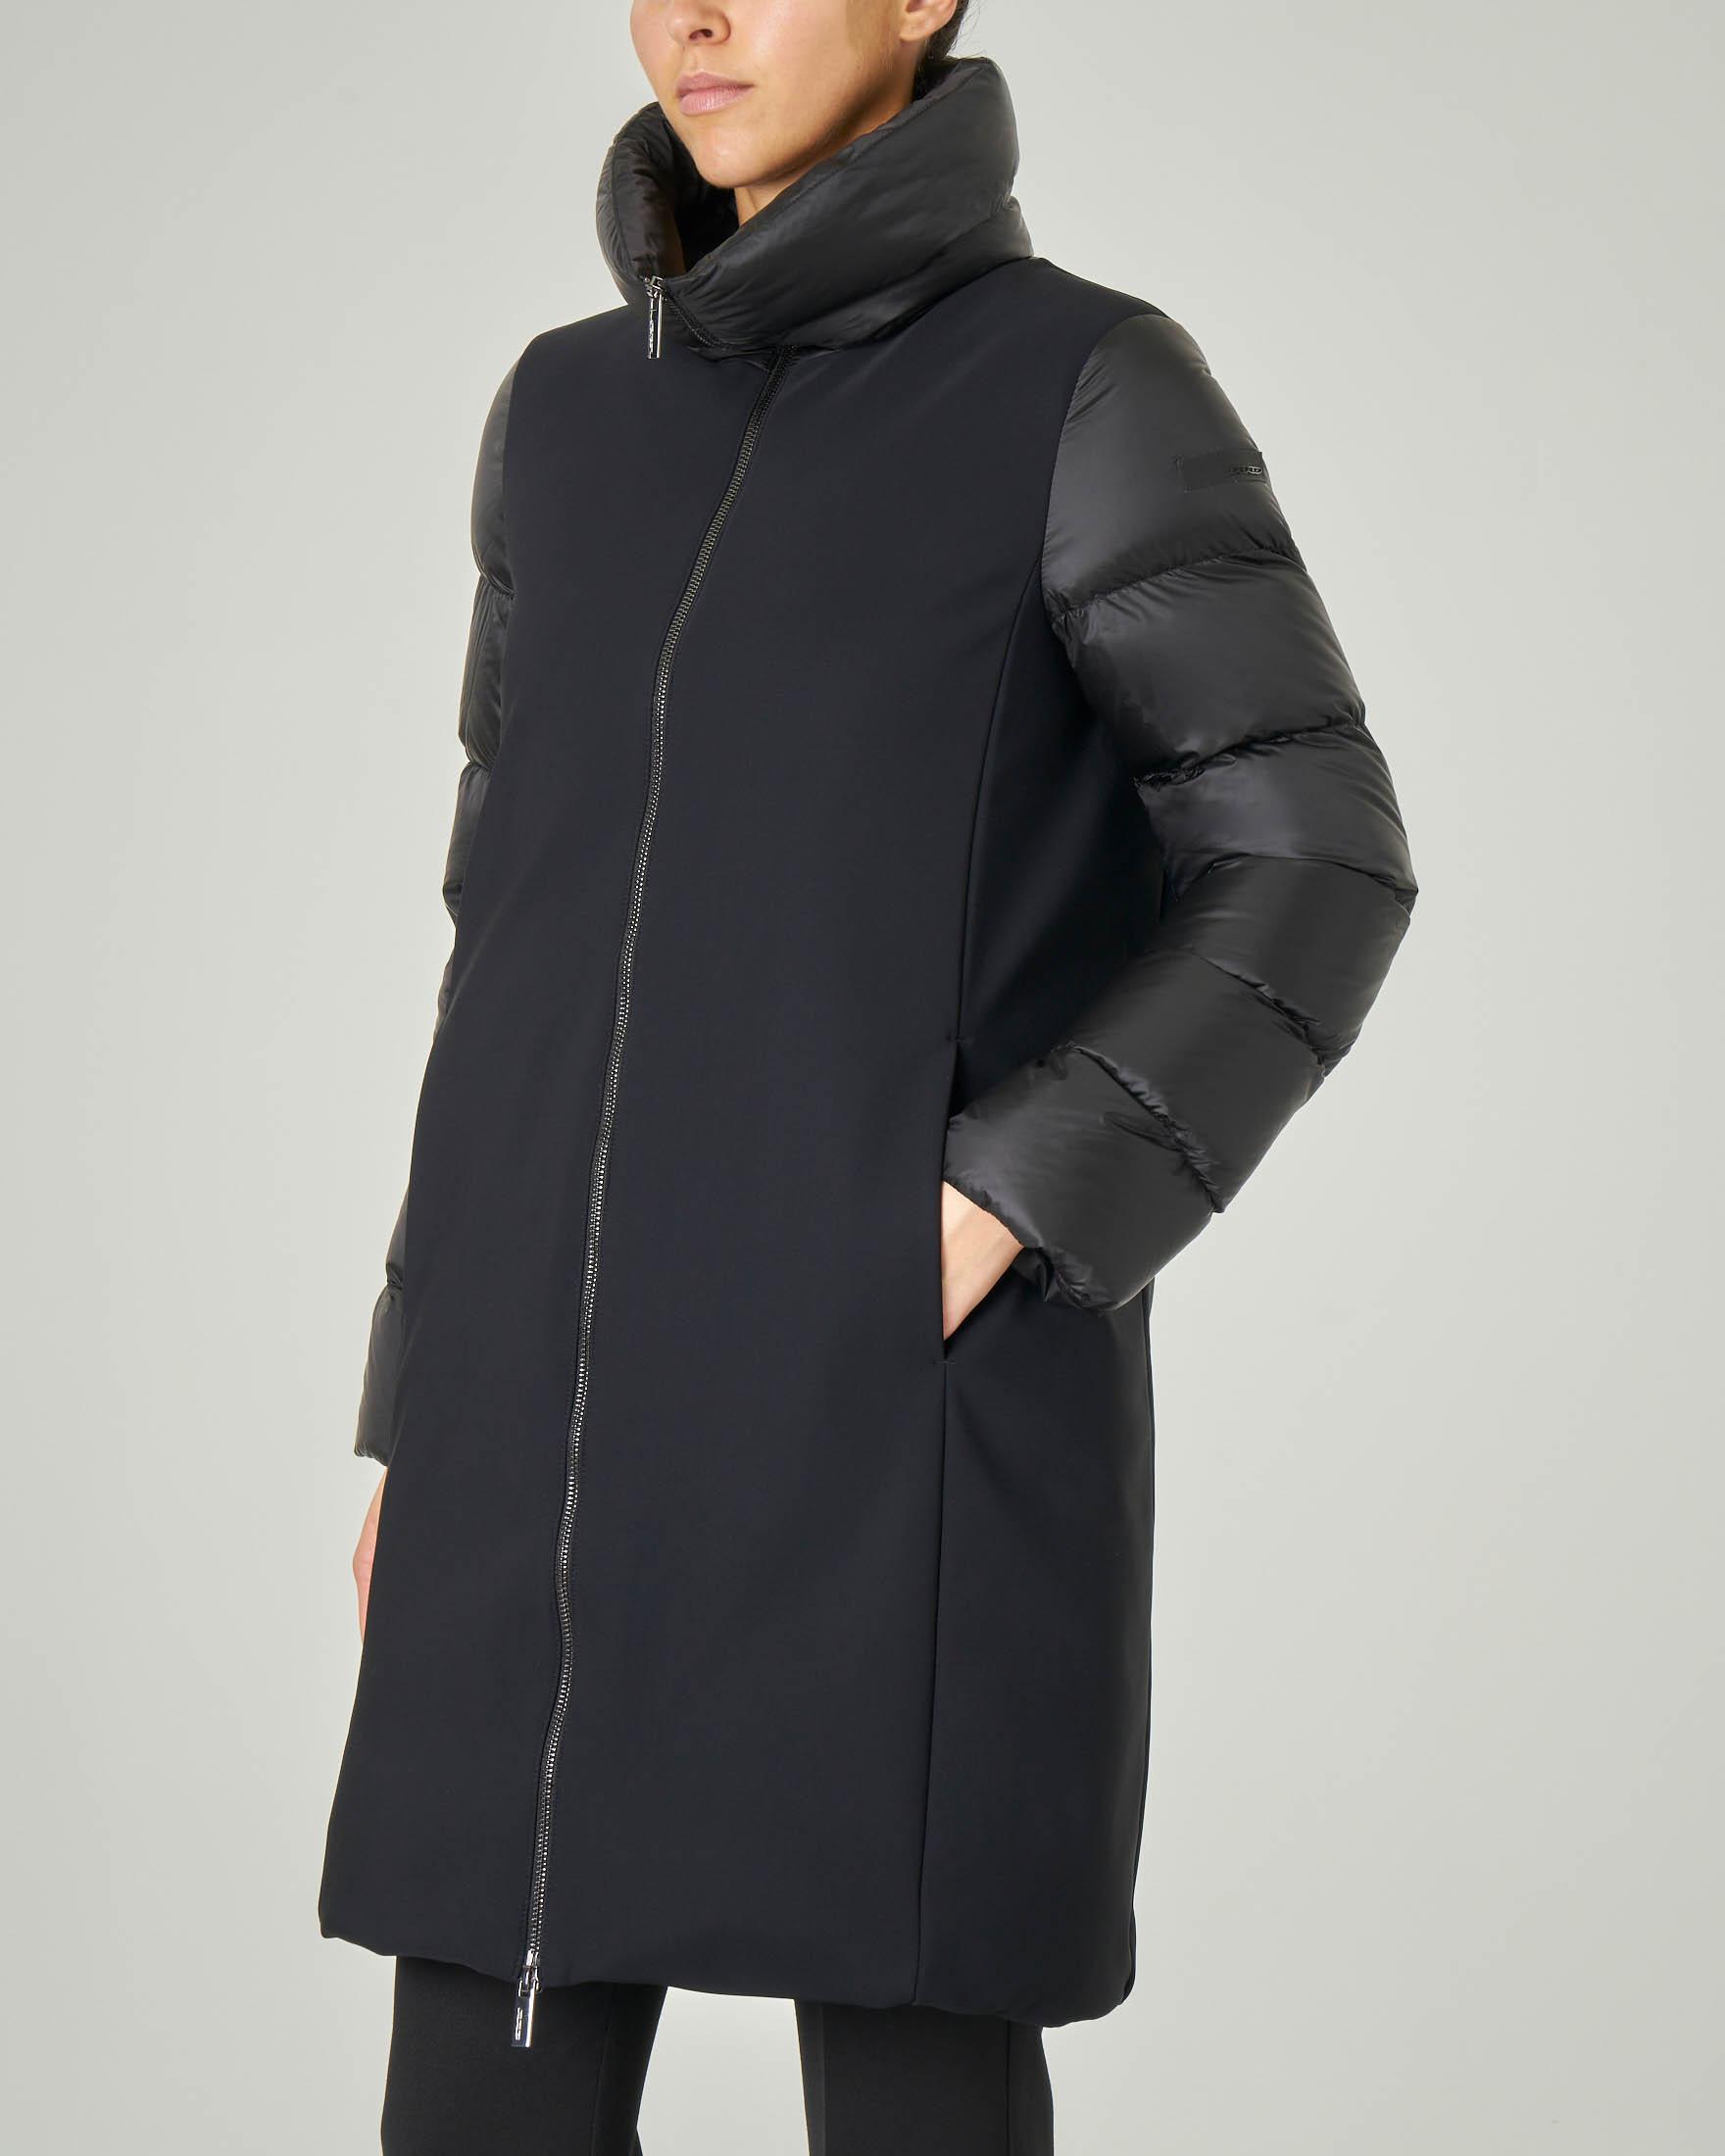 Cappotto nero lungo imbottito con maniche e collo alto in tessuto trapuntato